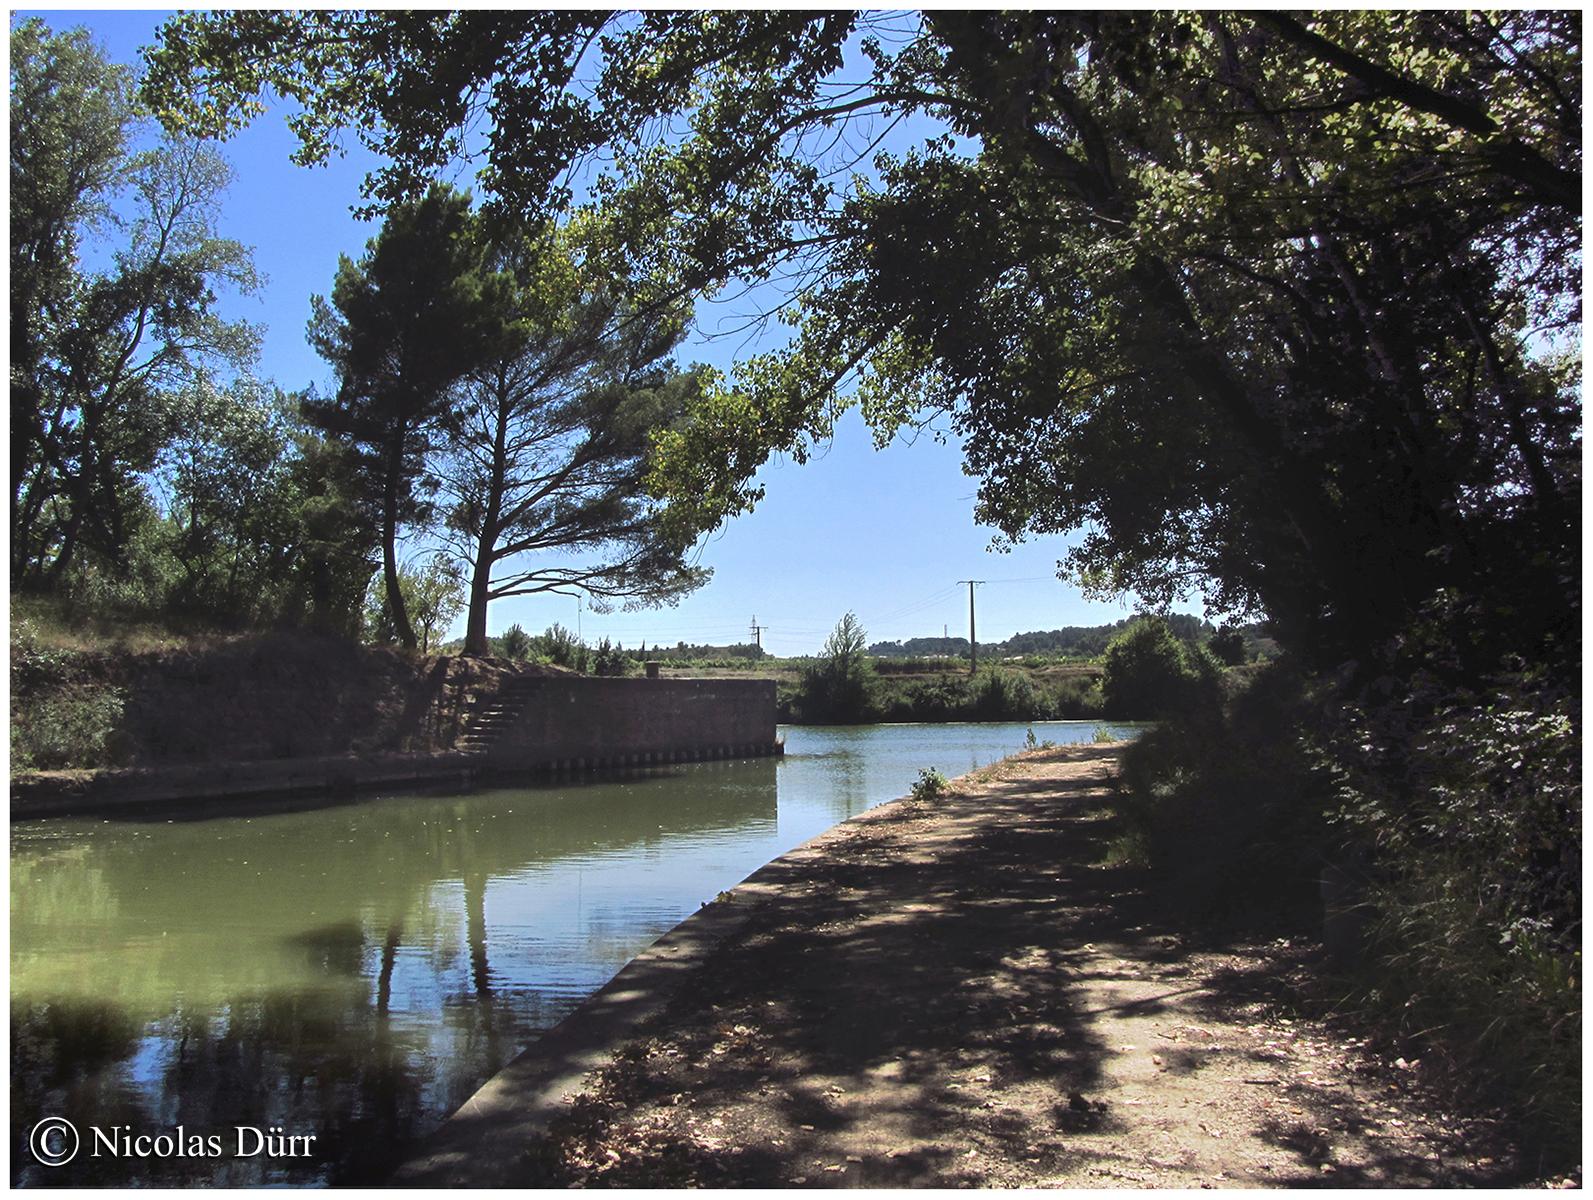 La rencontre d'un fleuve et d'un canal, à savoir, les eaux du Canal de Jonction de la Robine se jettent dans l'Aude.